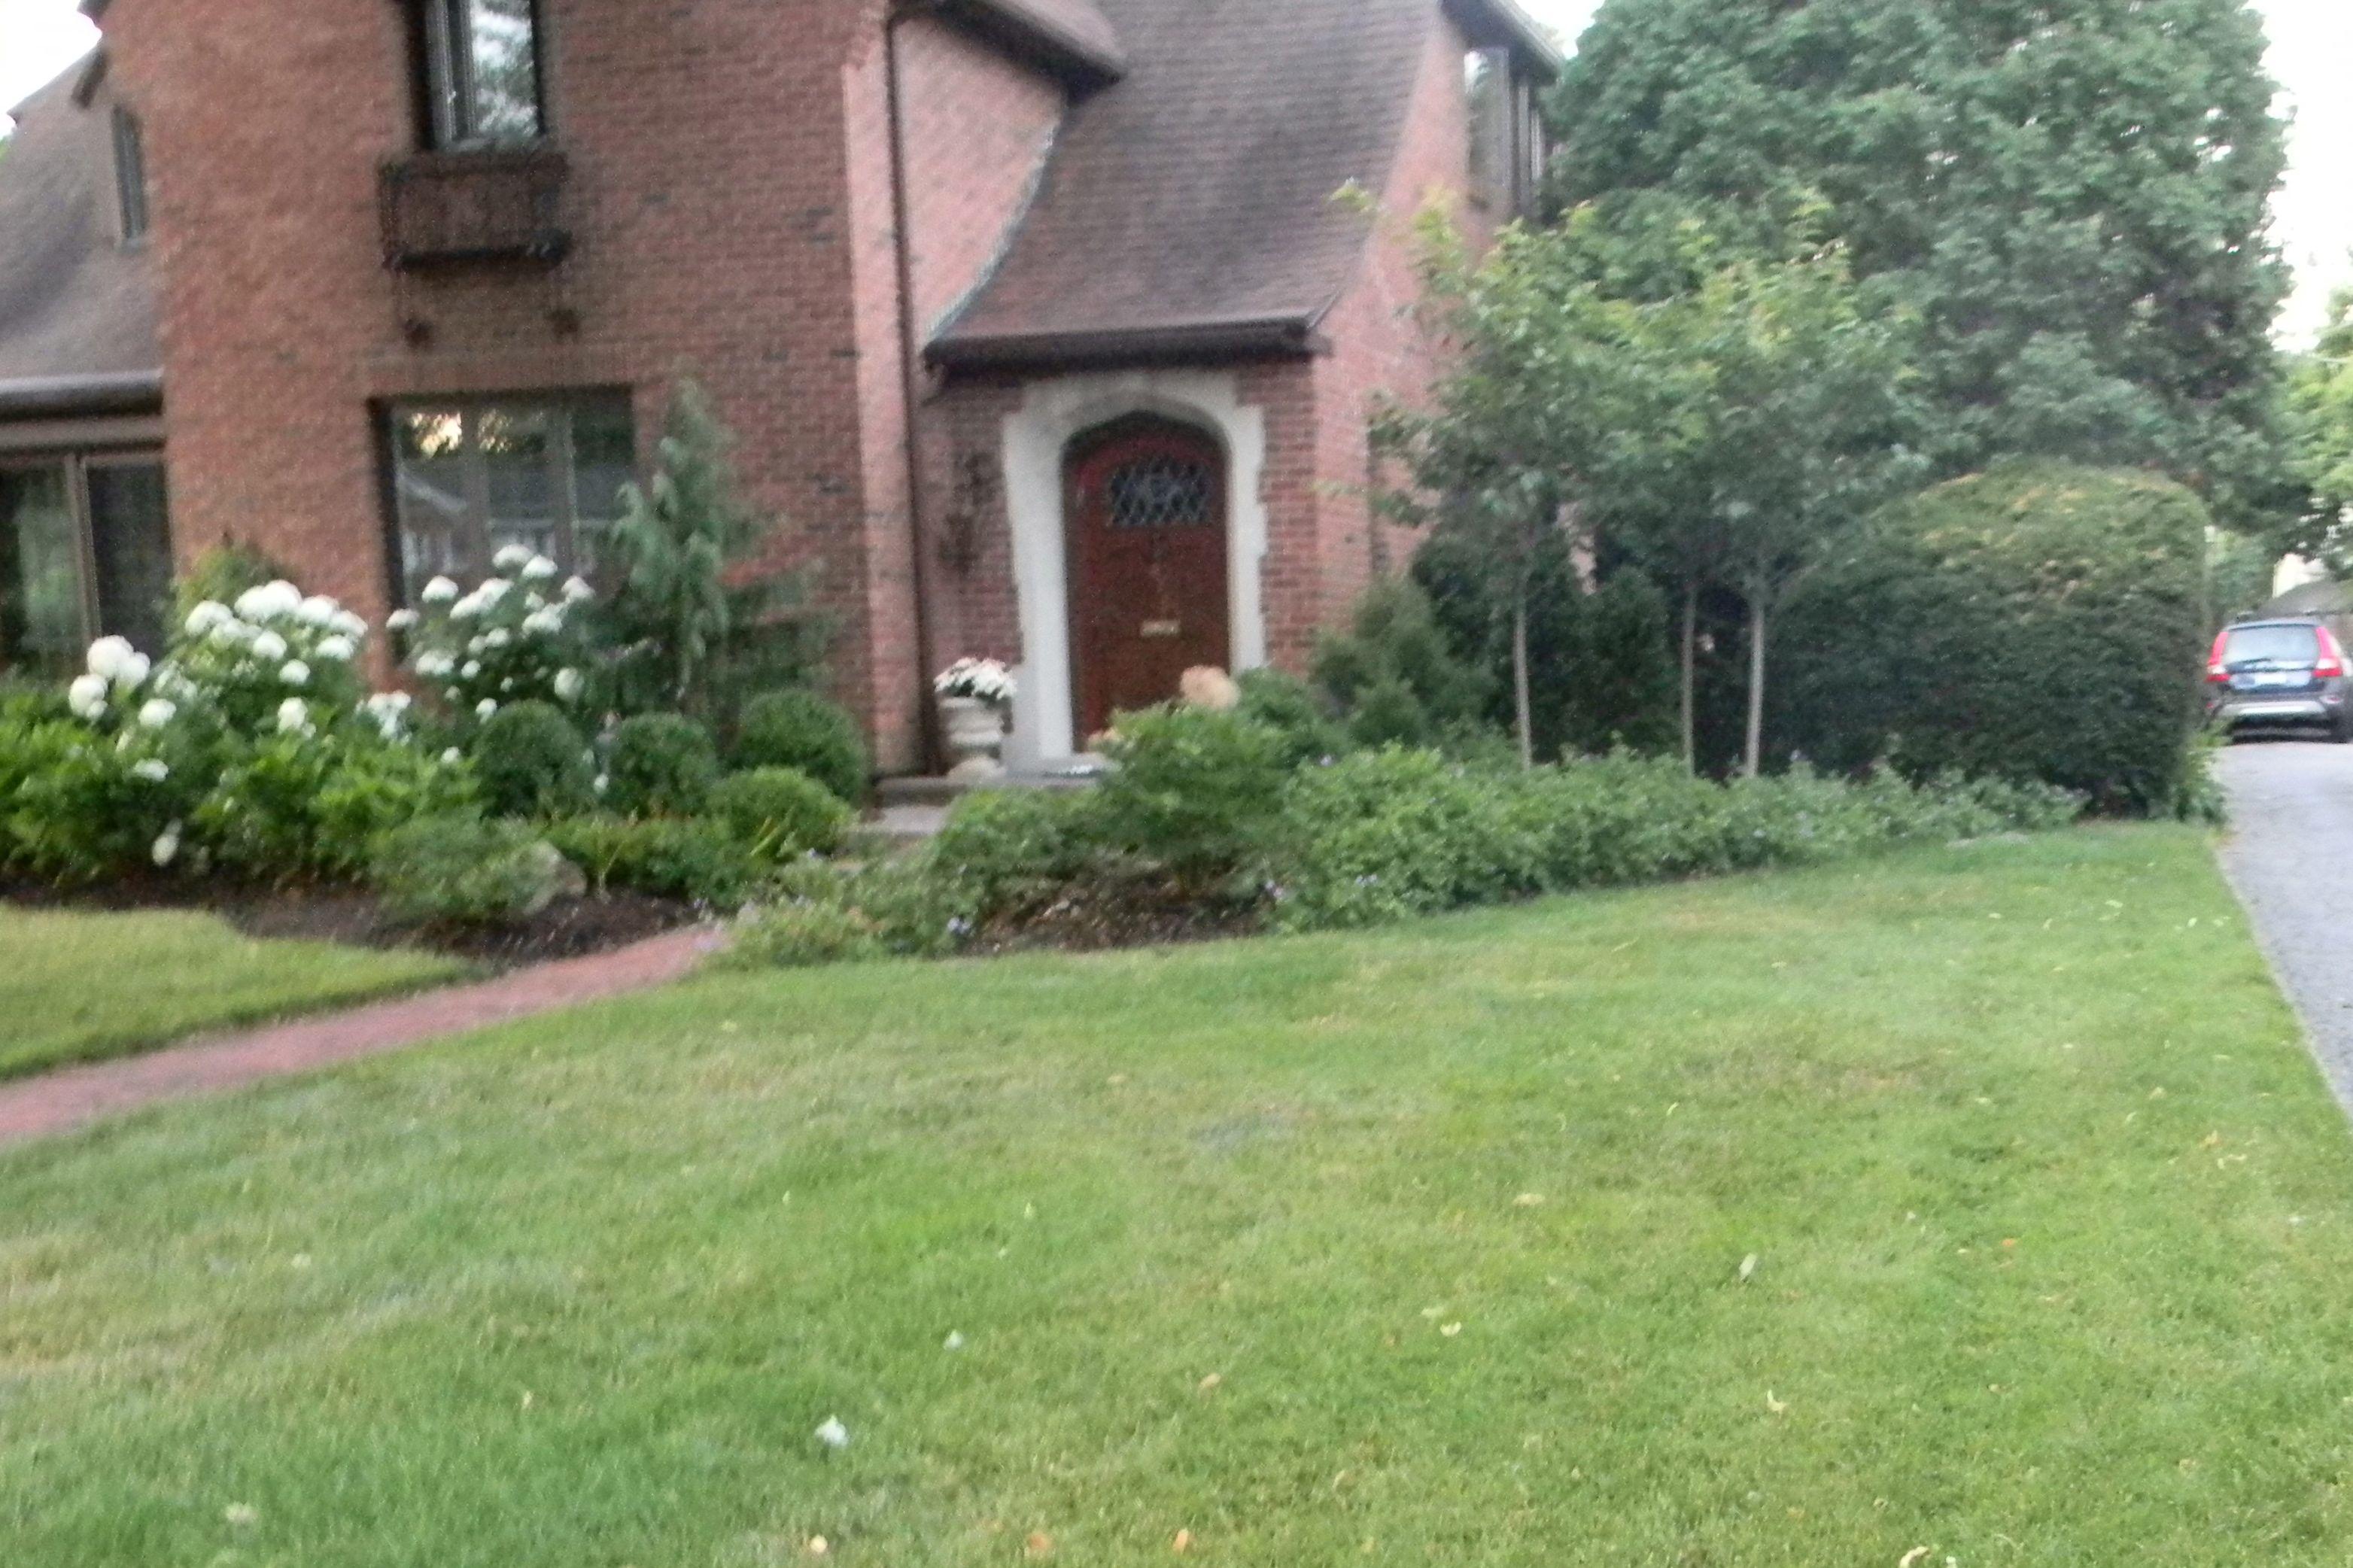 Landscaping Ideas By Front Door : Front door landscaping ? home design